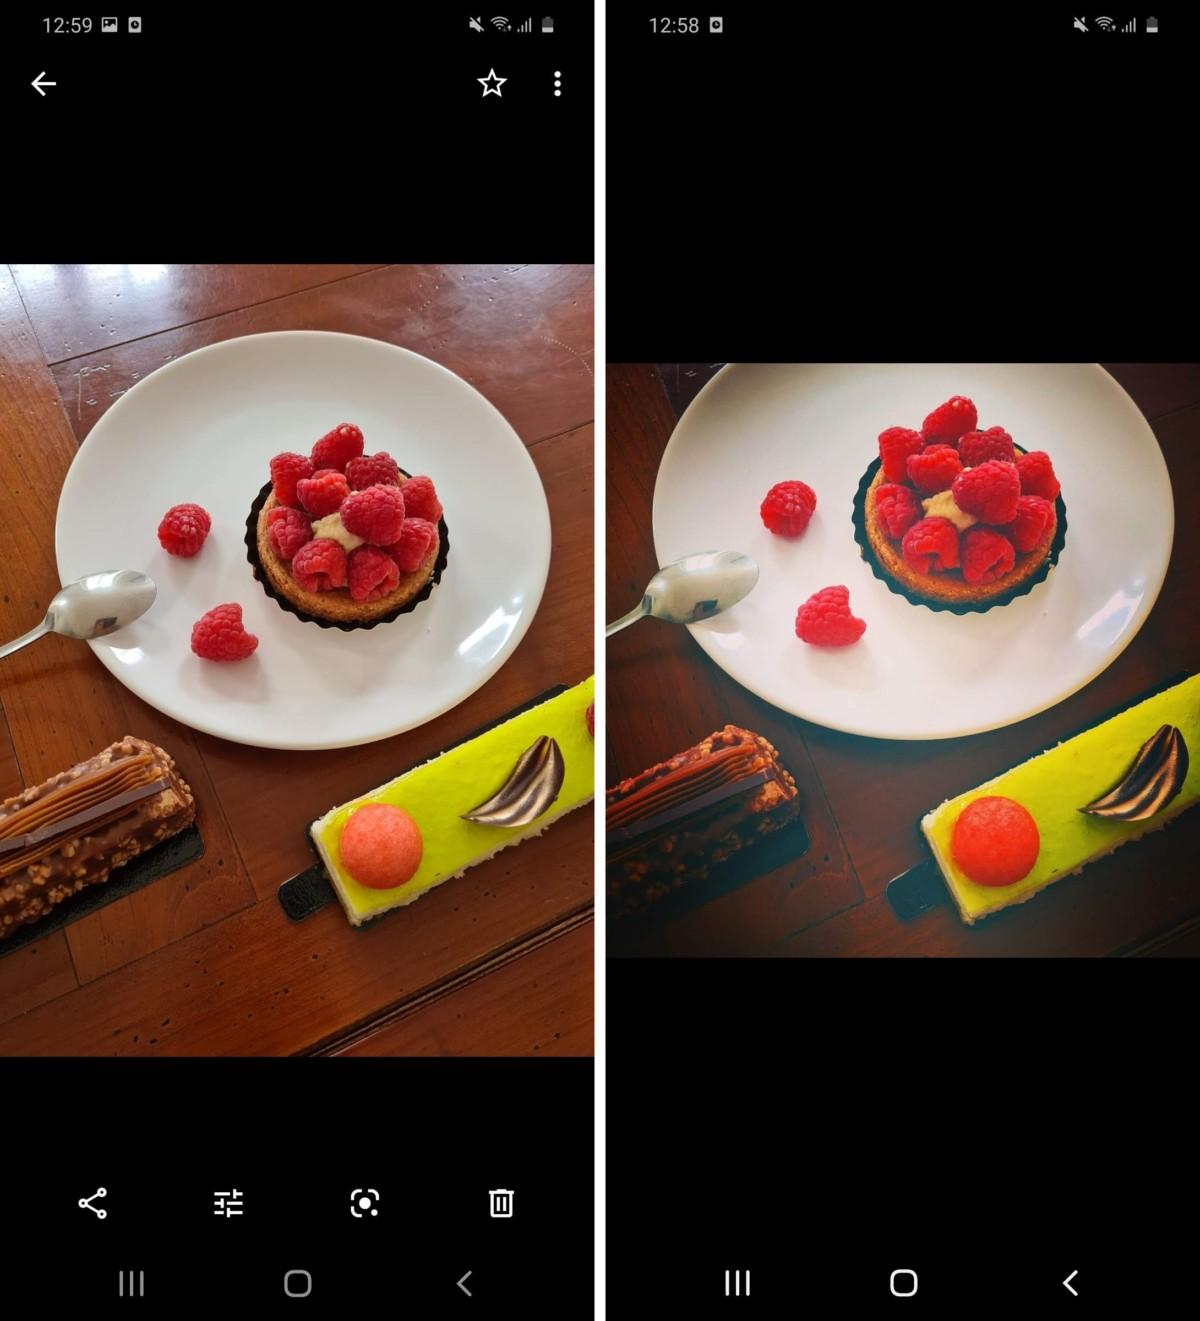 À gauche la photo avant retouche, à droite la photo après retouche sur Instagram.